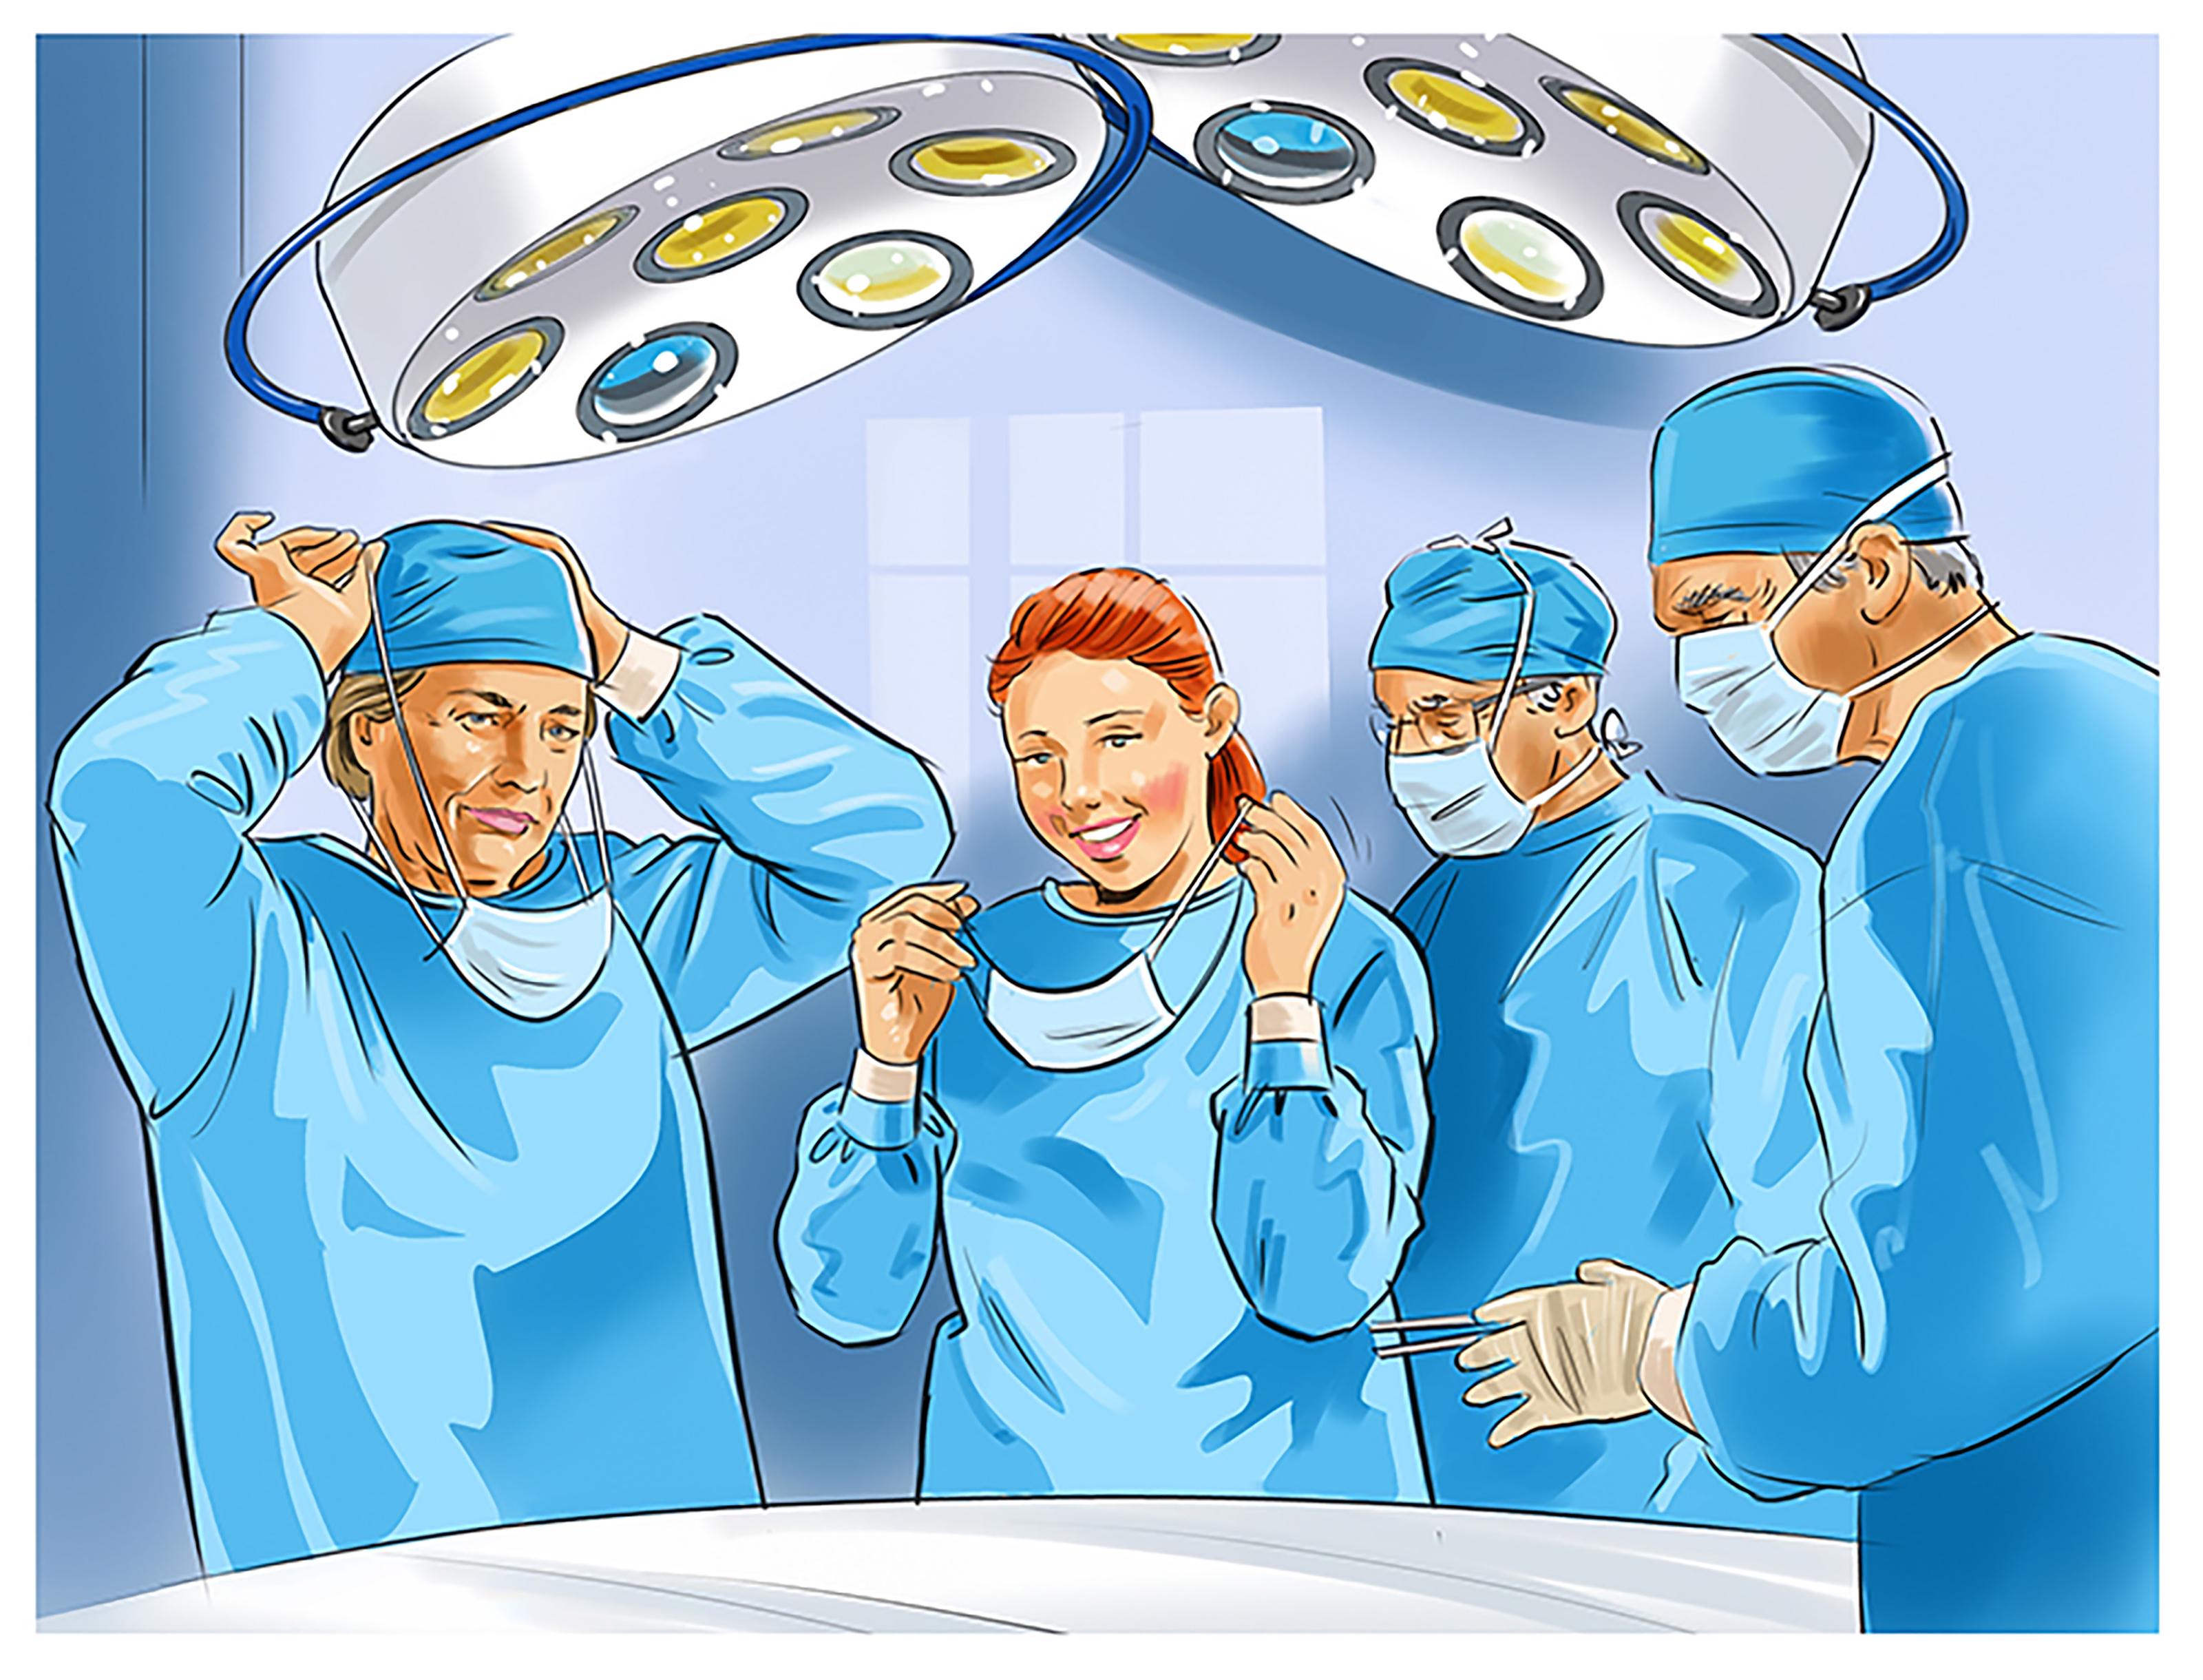 Medical Event Illustration